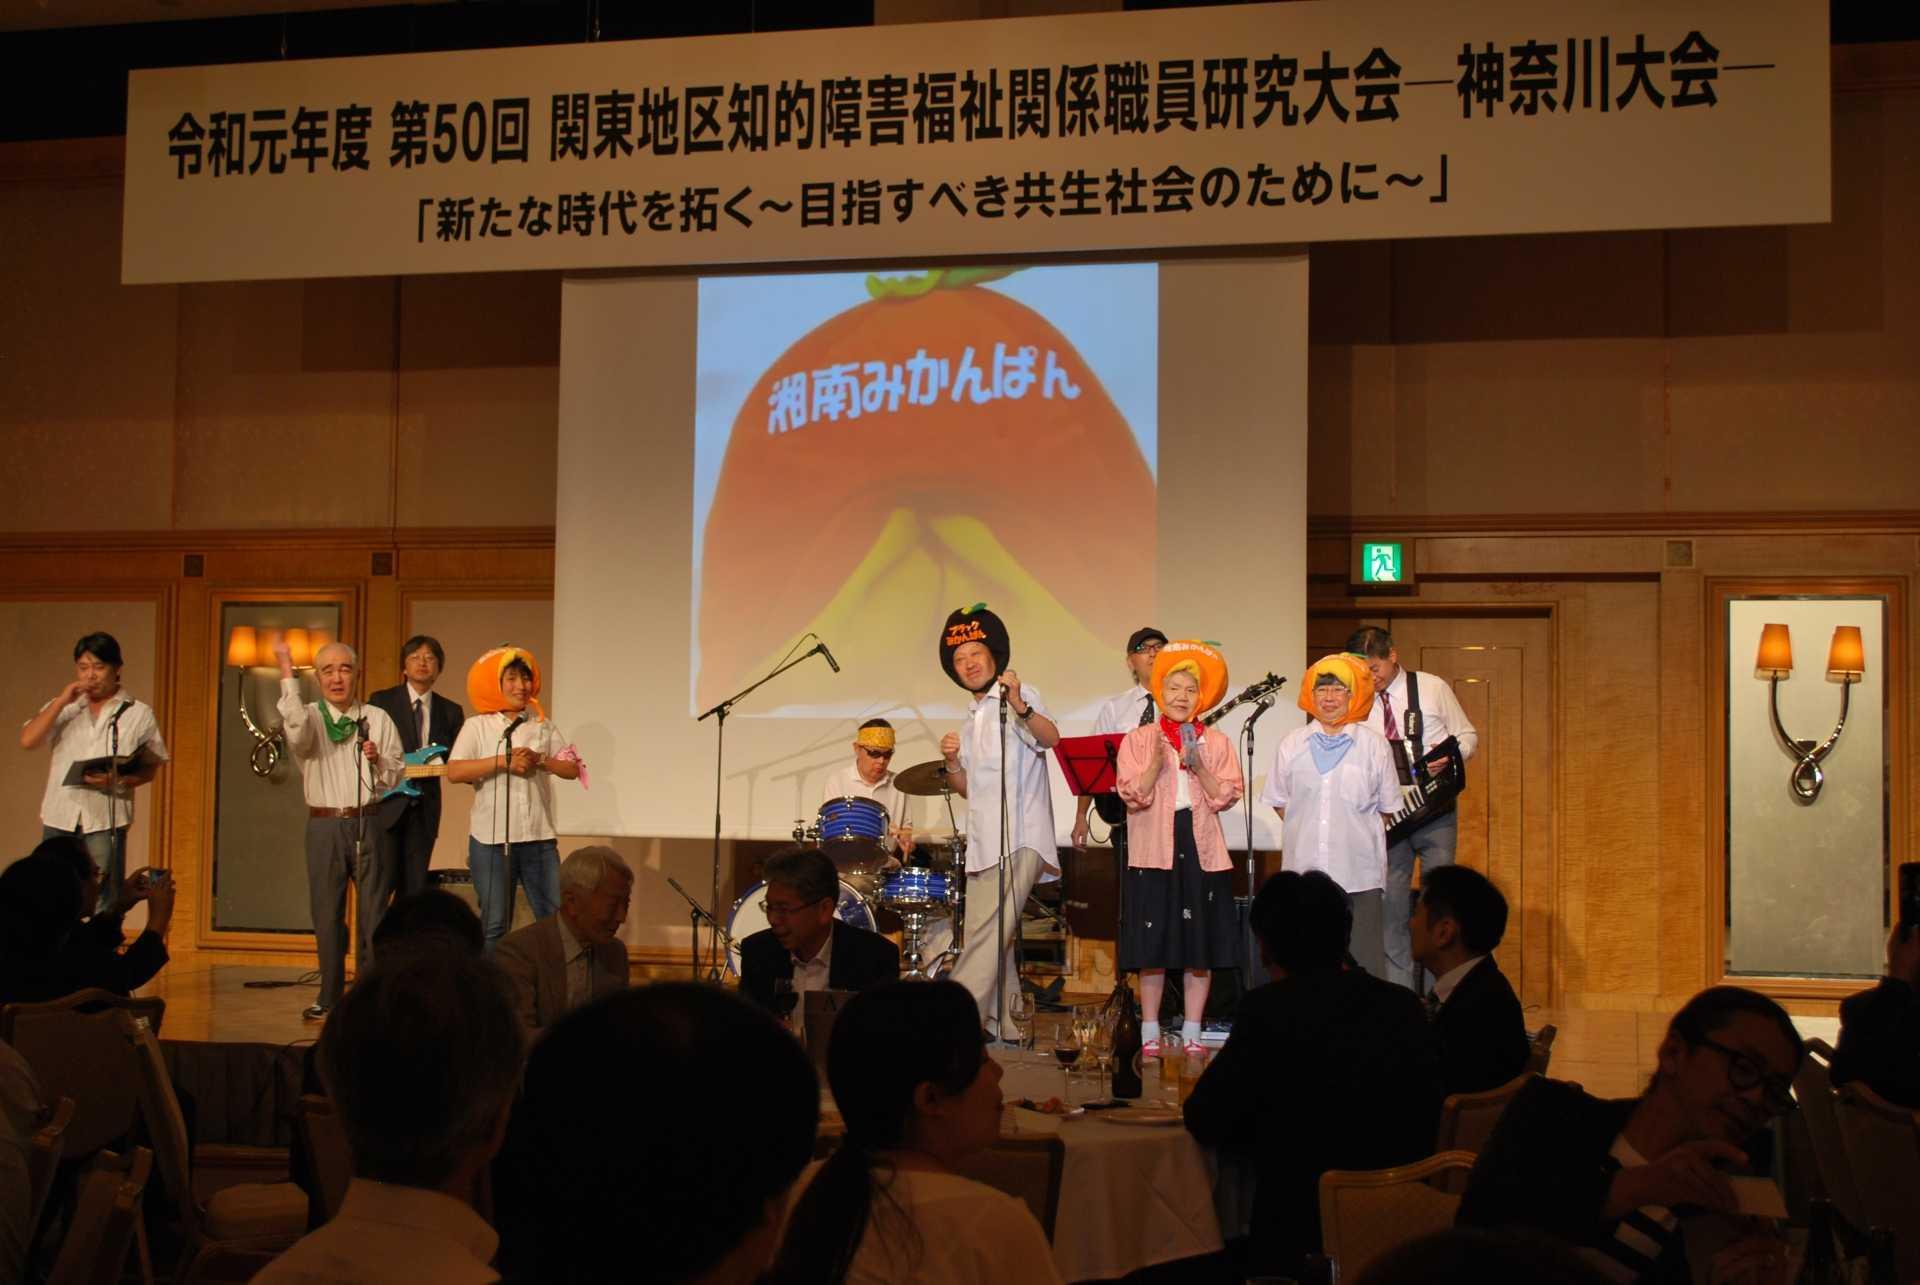 第50回 関東地区知的障害福祉関係職員研究大会-神奈川大会-とびっきりレインボーズ出演!